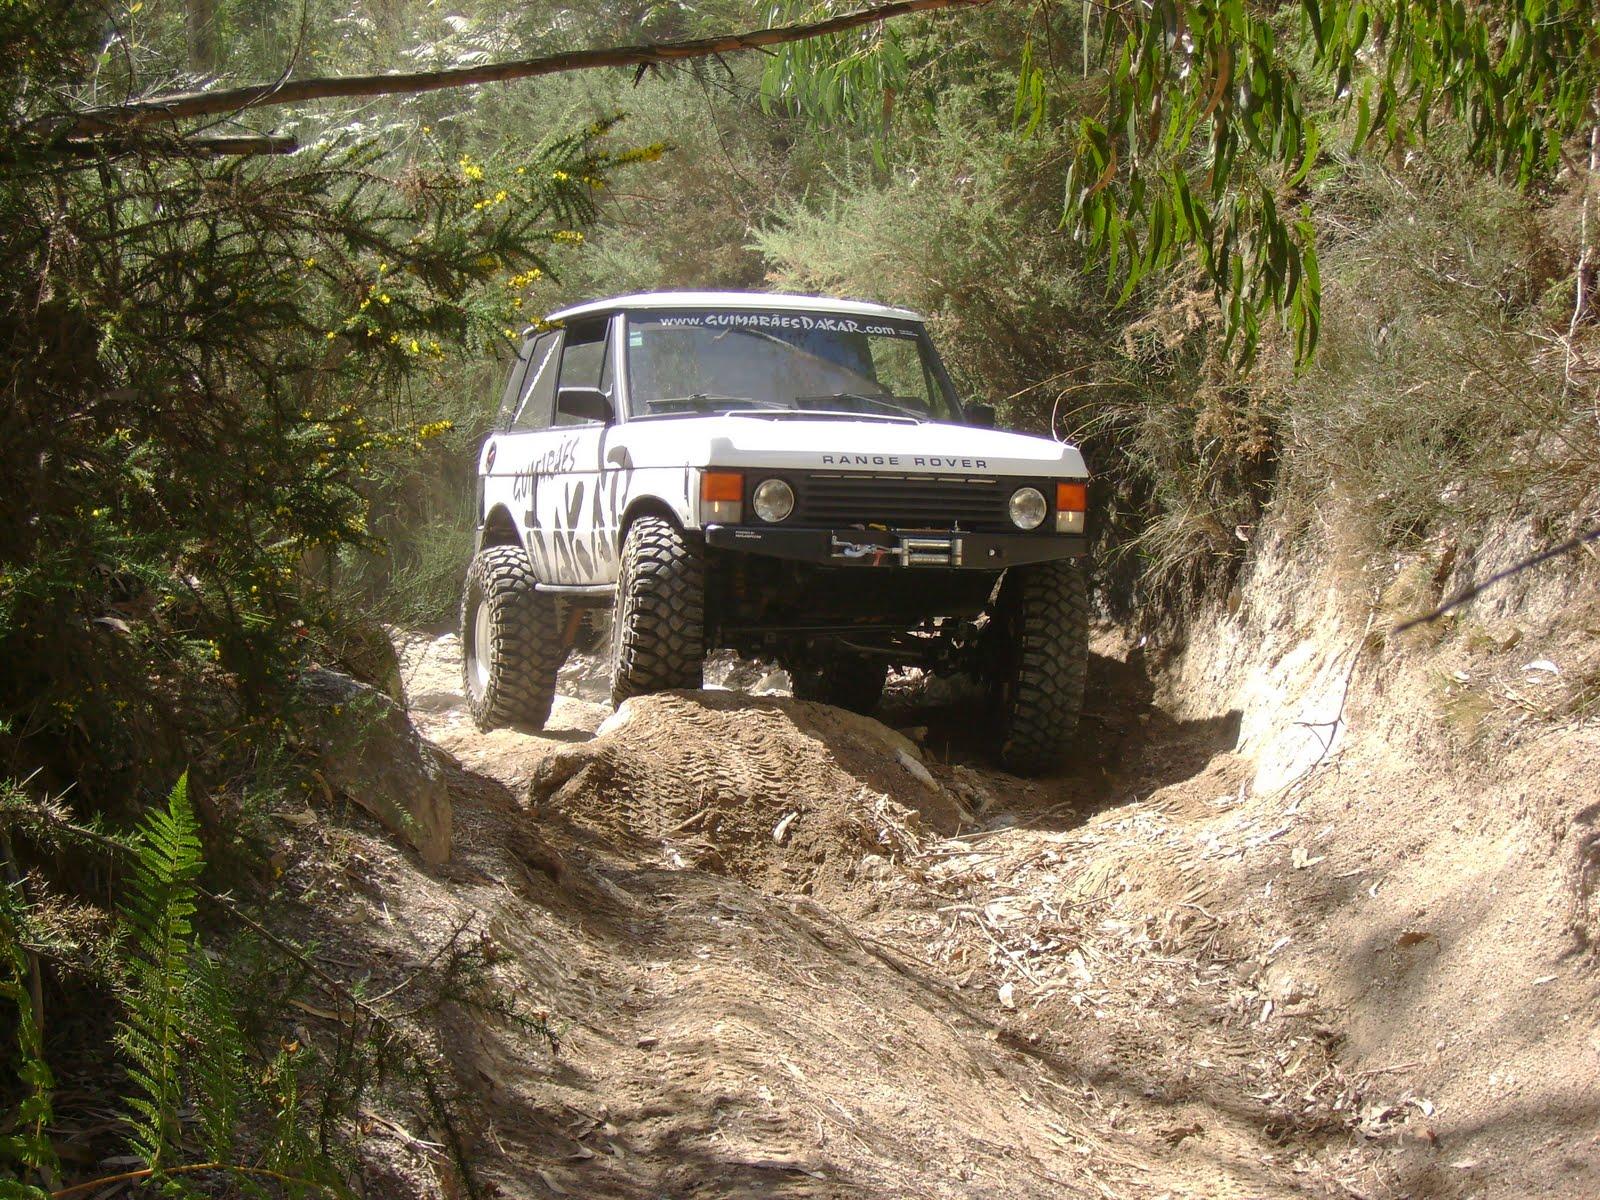 RangeRover a passar um obstaculo num percurso todo o terreno